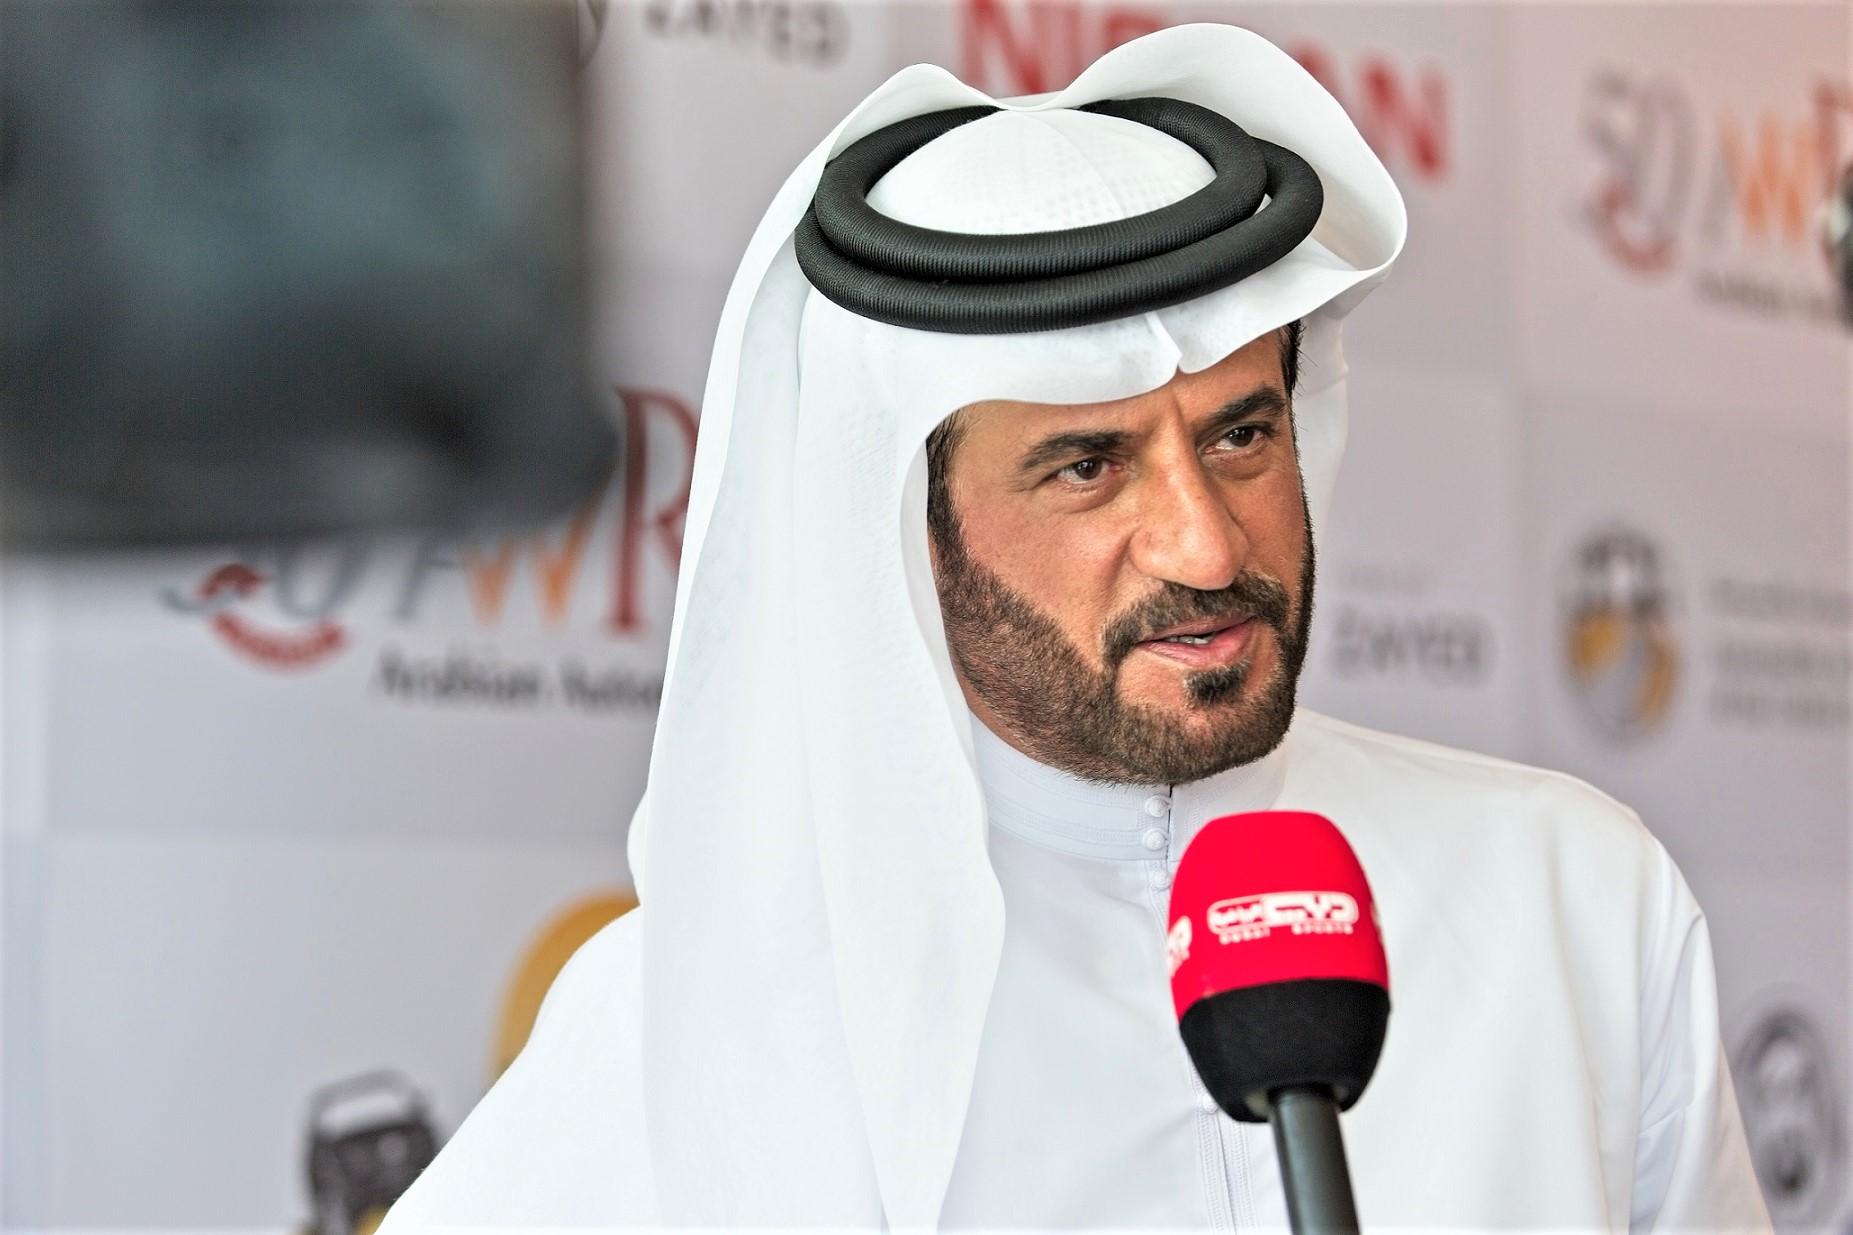 رئيس منظّمة الإمارات للسيارات والدرّاجات النارية ونائب رئيس 'الاتحاد الدولي للسيارات' محمد بن سليم